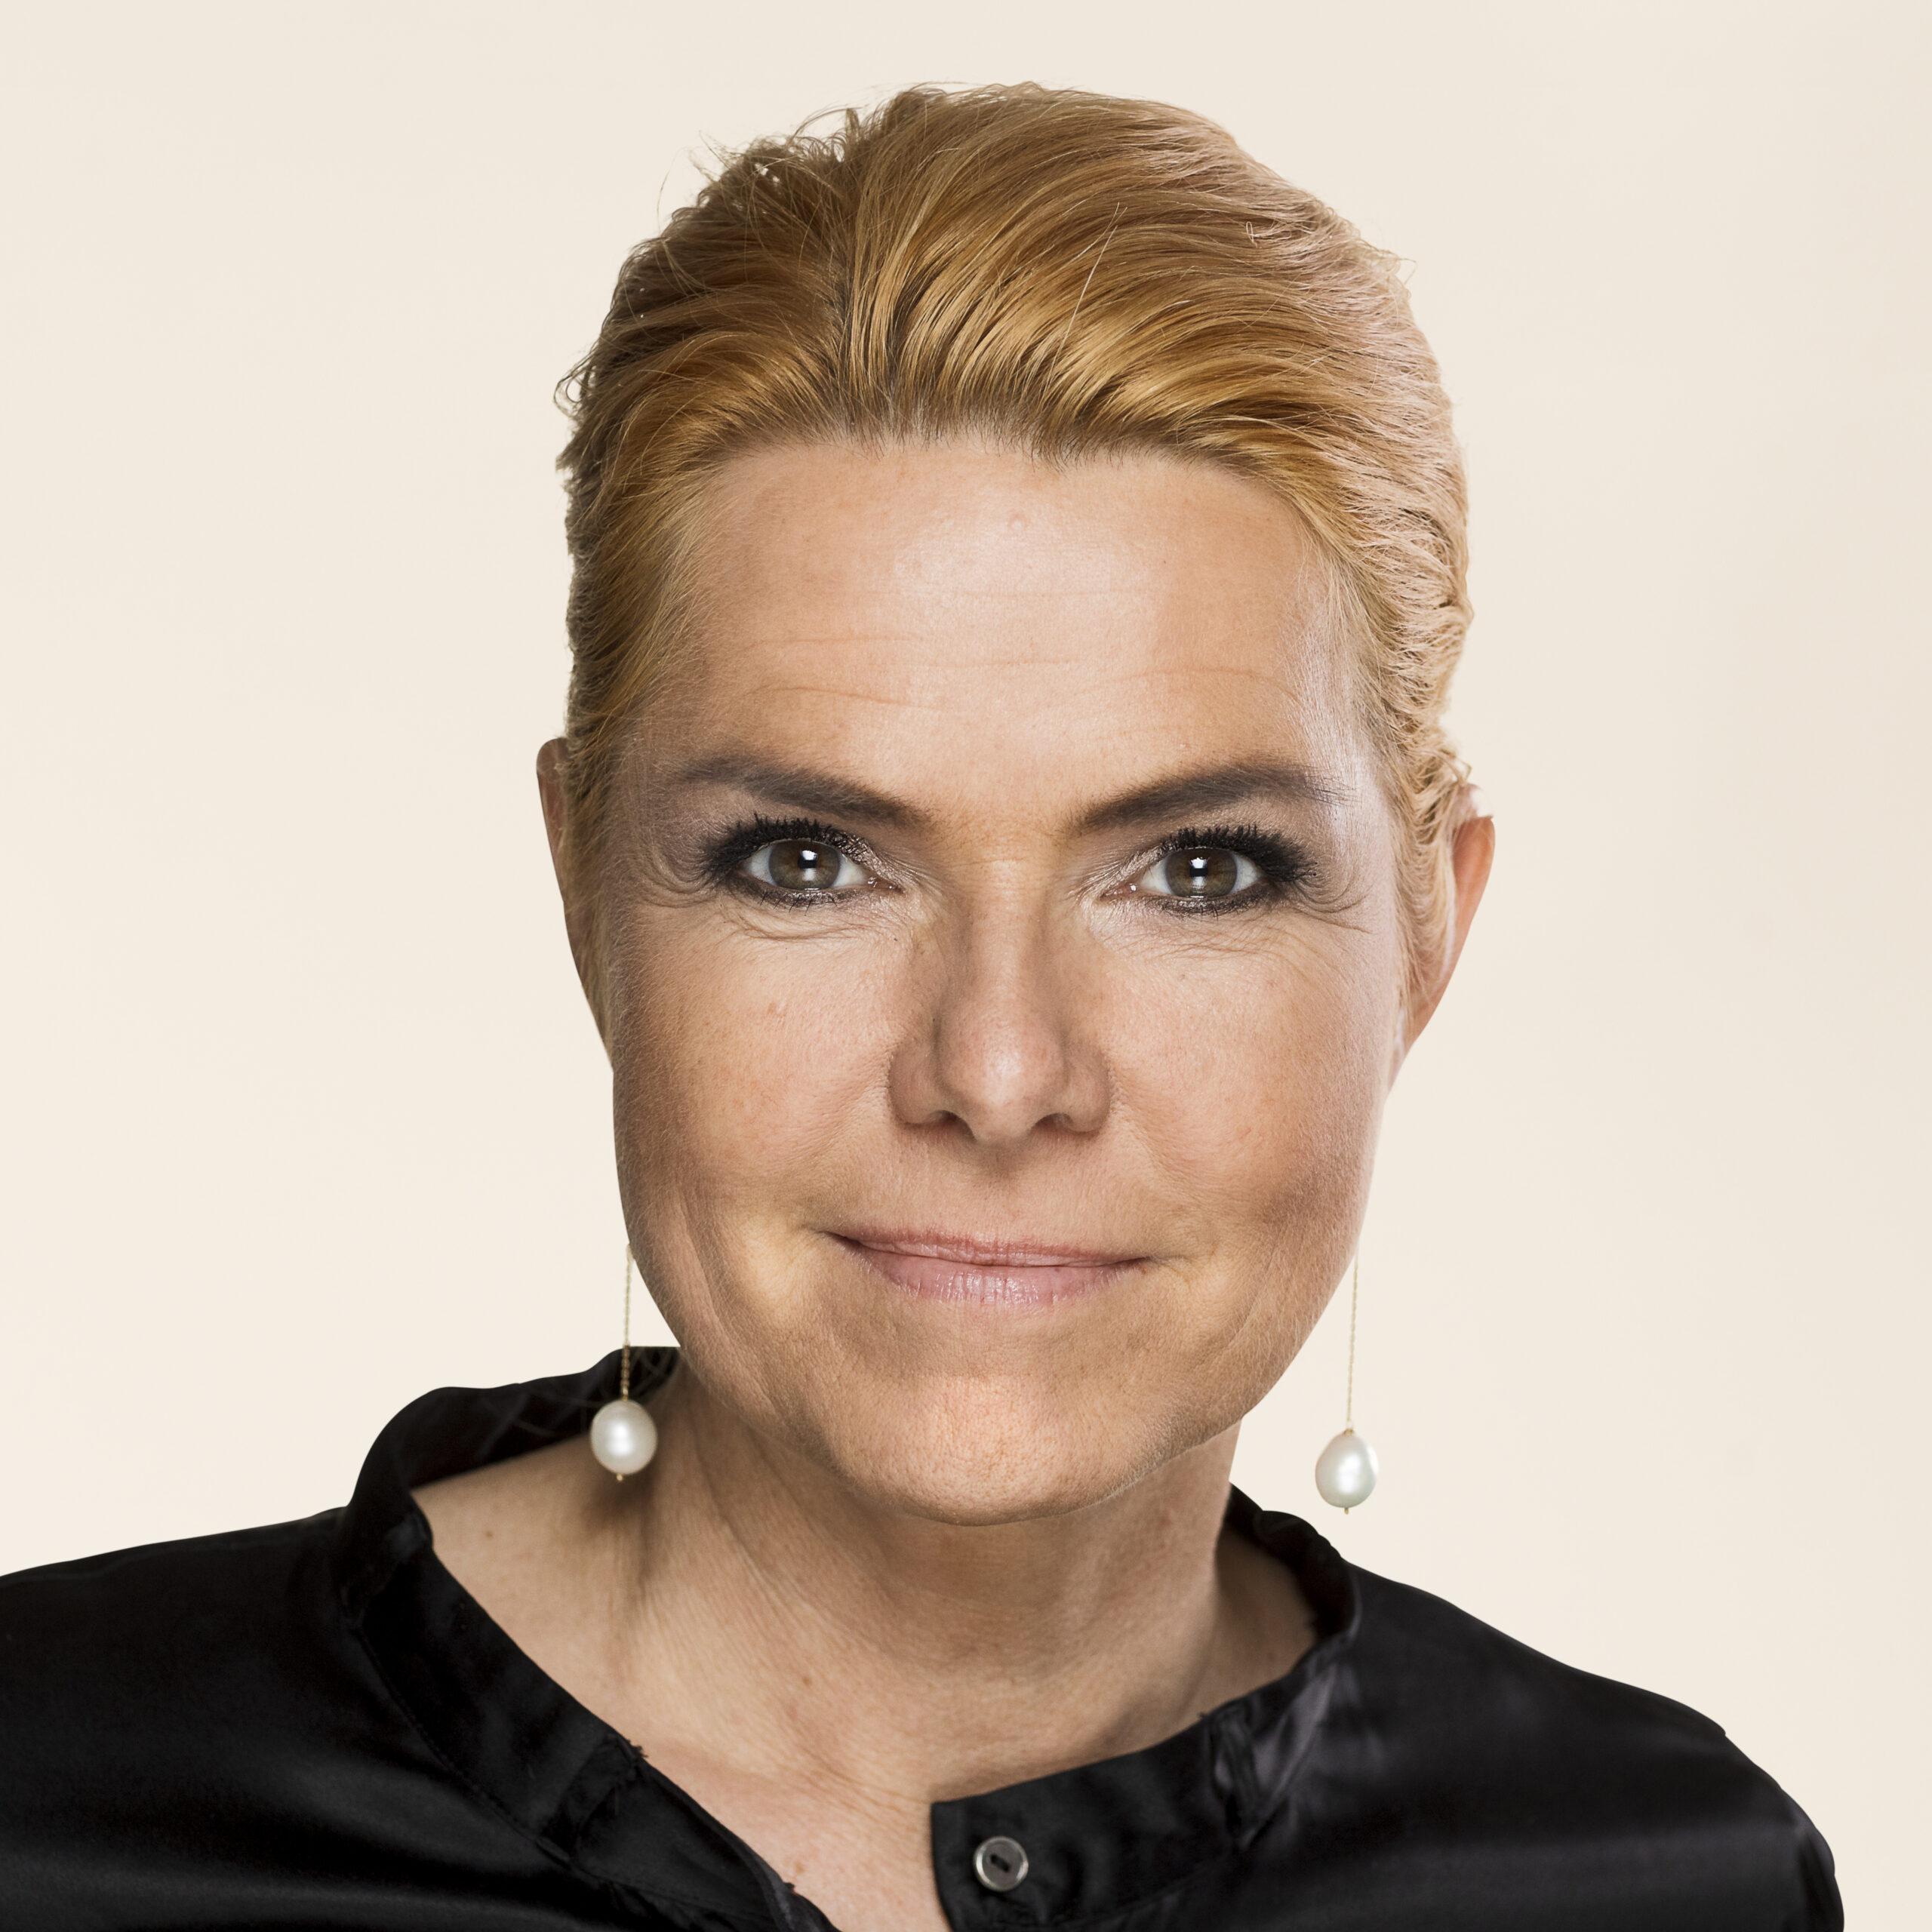 Eski Entegrasyon Bakanı Inger Støjberg Yüce Divan'da Yargılanacak